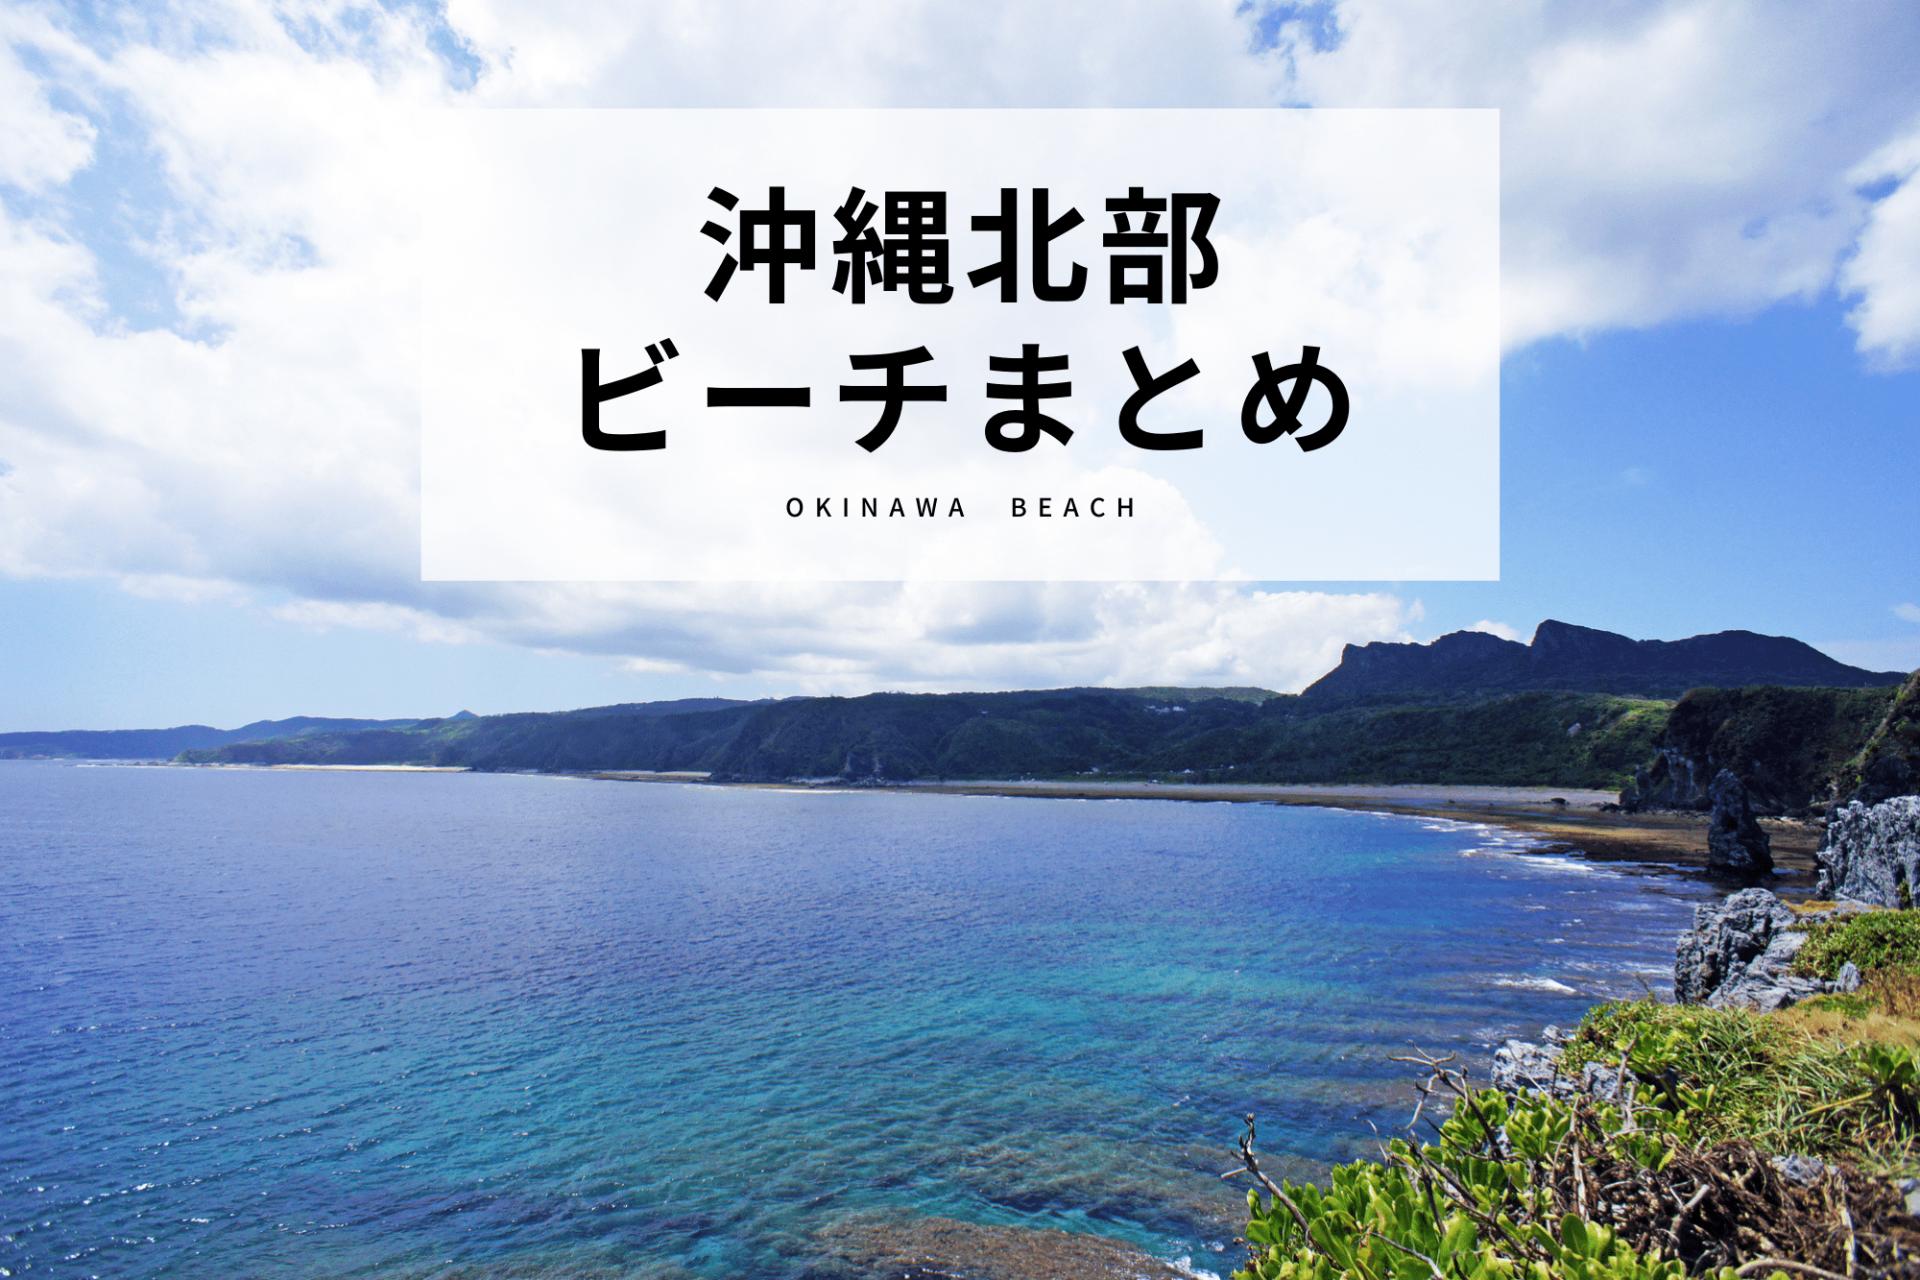 沖縄 北部 ビーチ おすすめ 旅行 観光